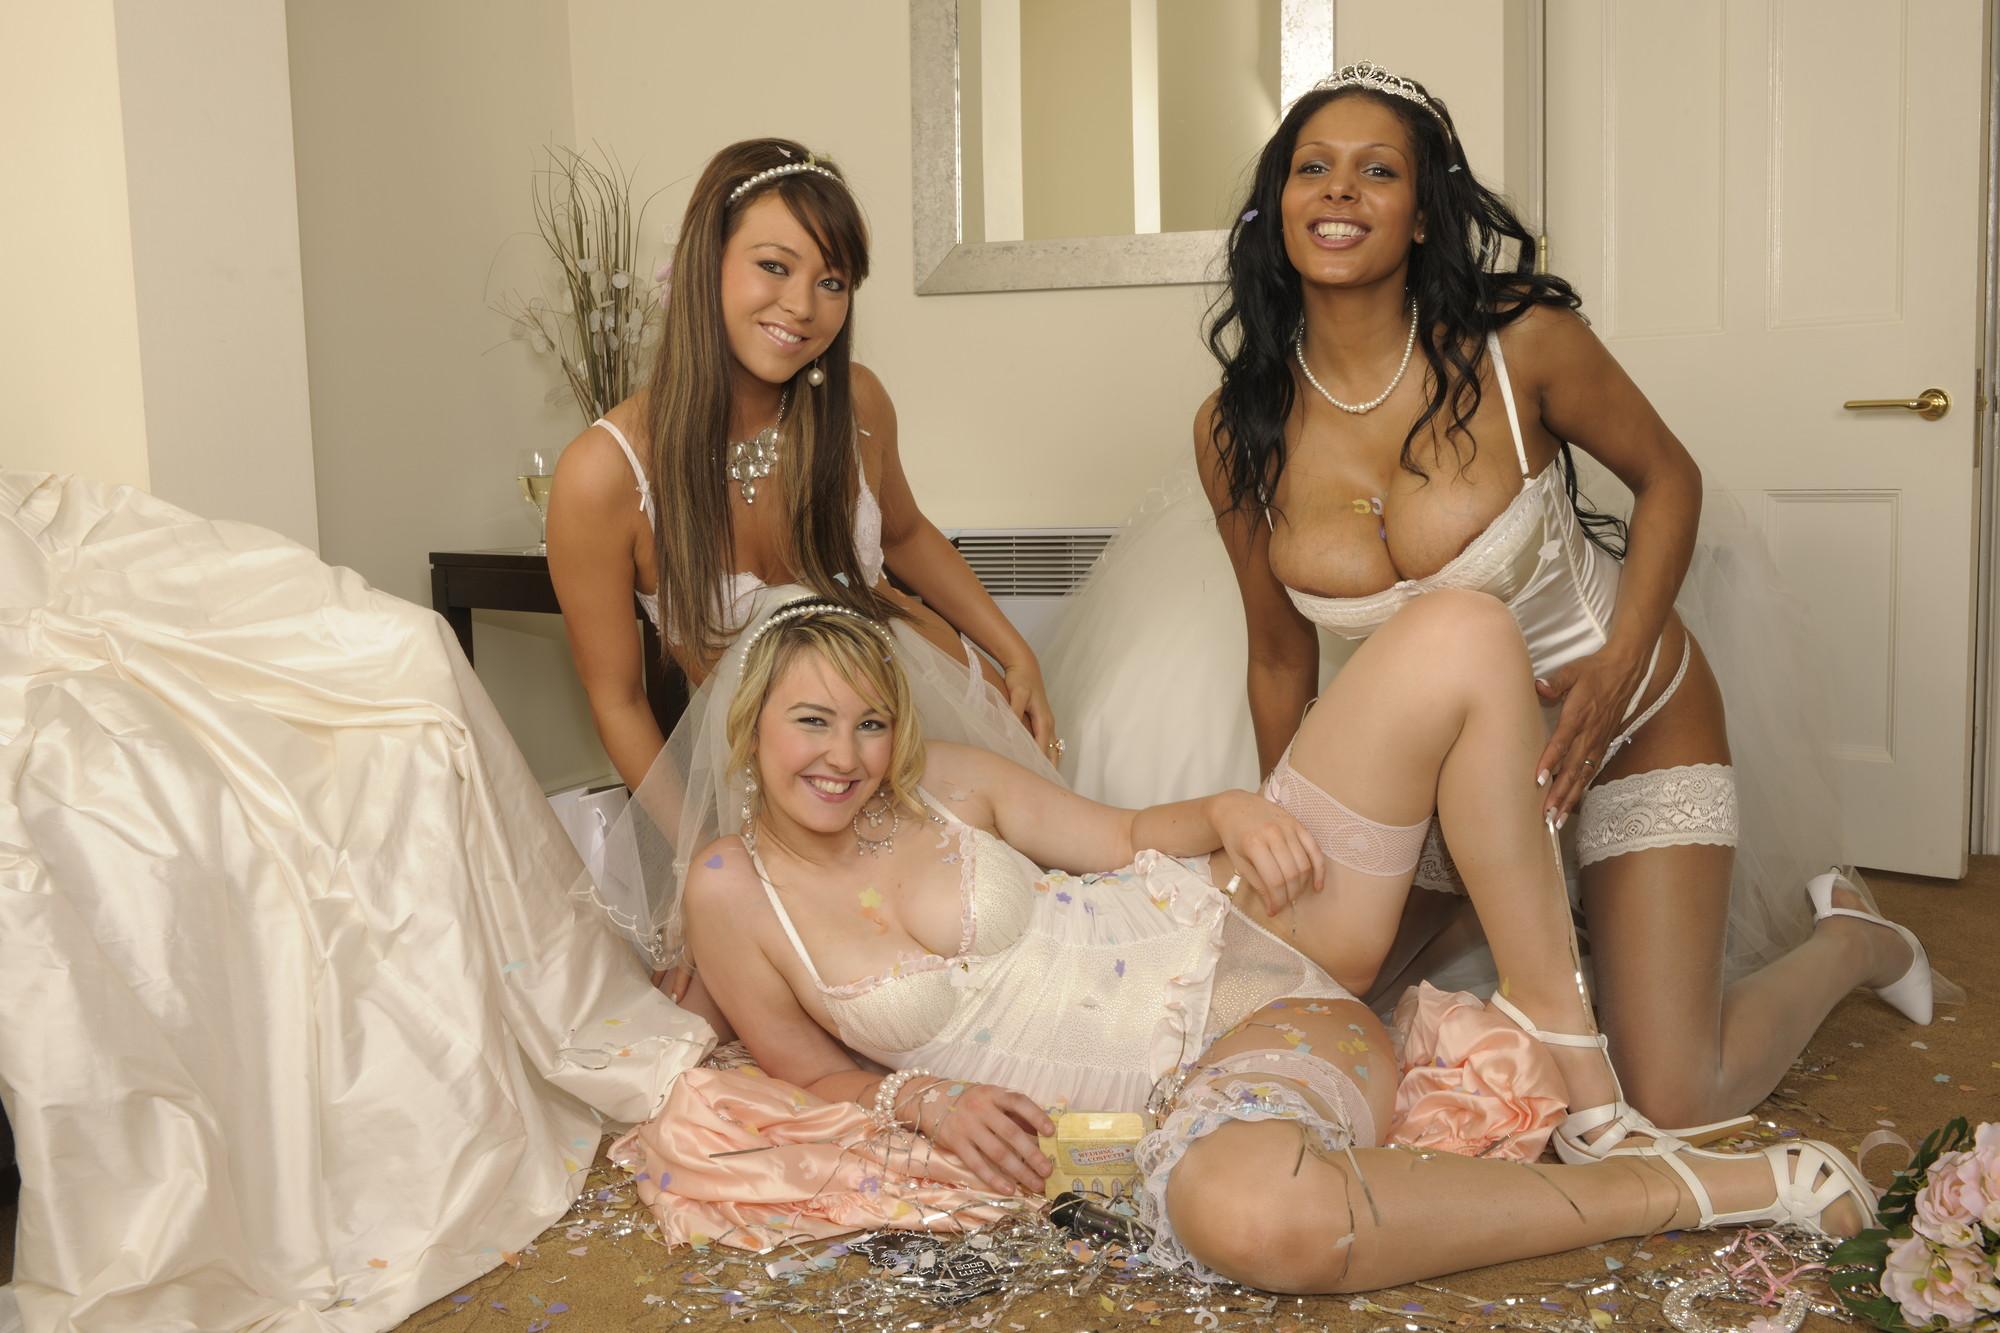 Фото на свадьбе голые видео — 15